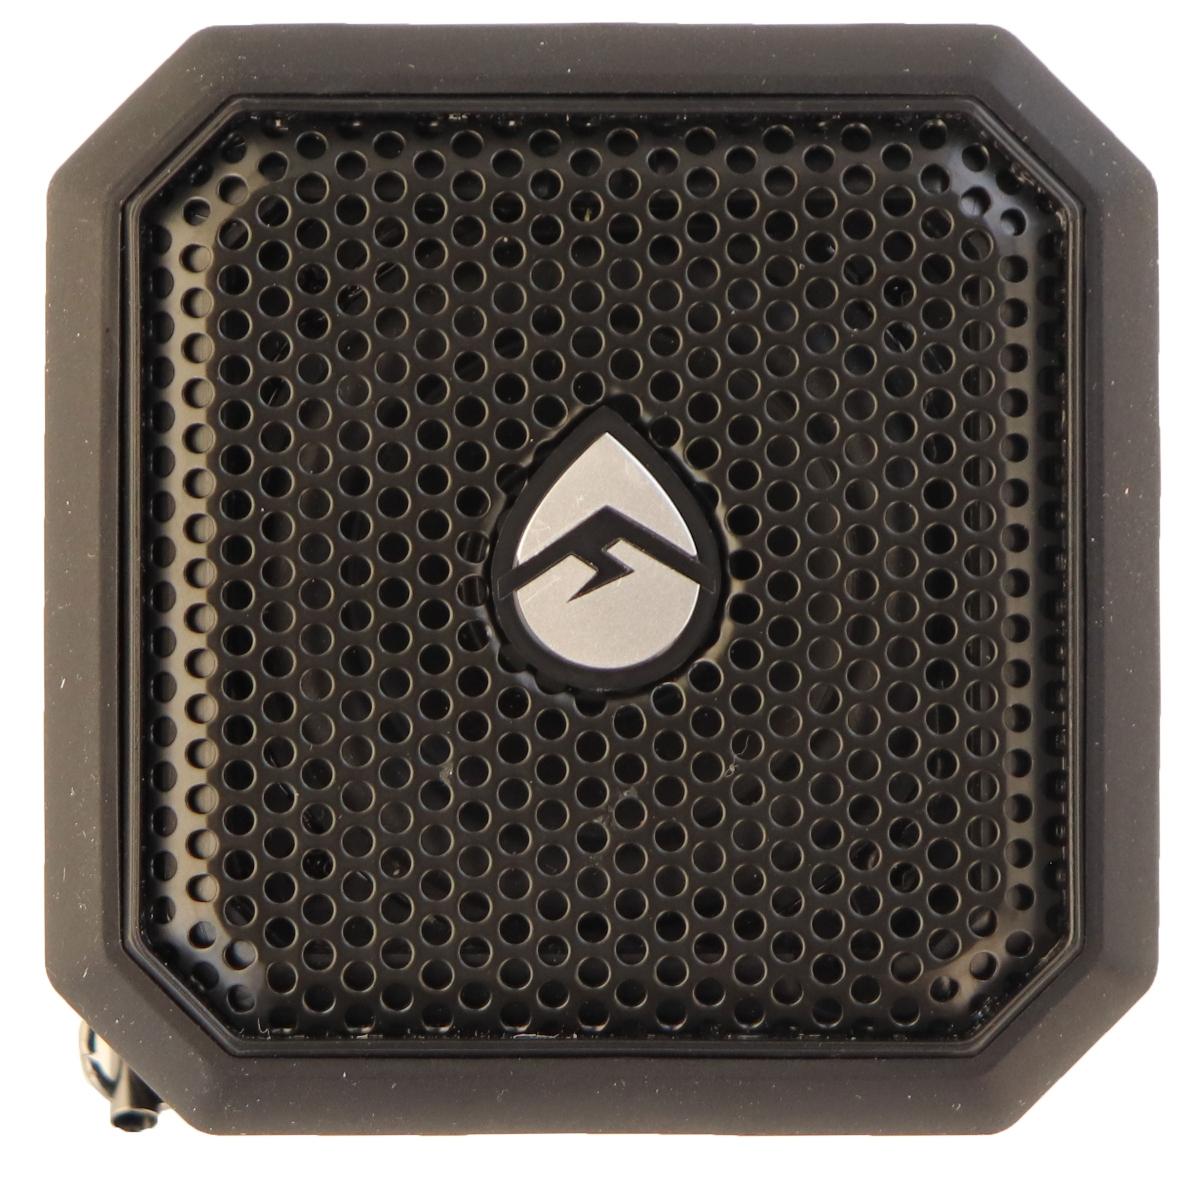 ECOXGEAR EcoPebble Lite Bluetooth Waterproof Rechargeable Speaker - Black